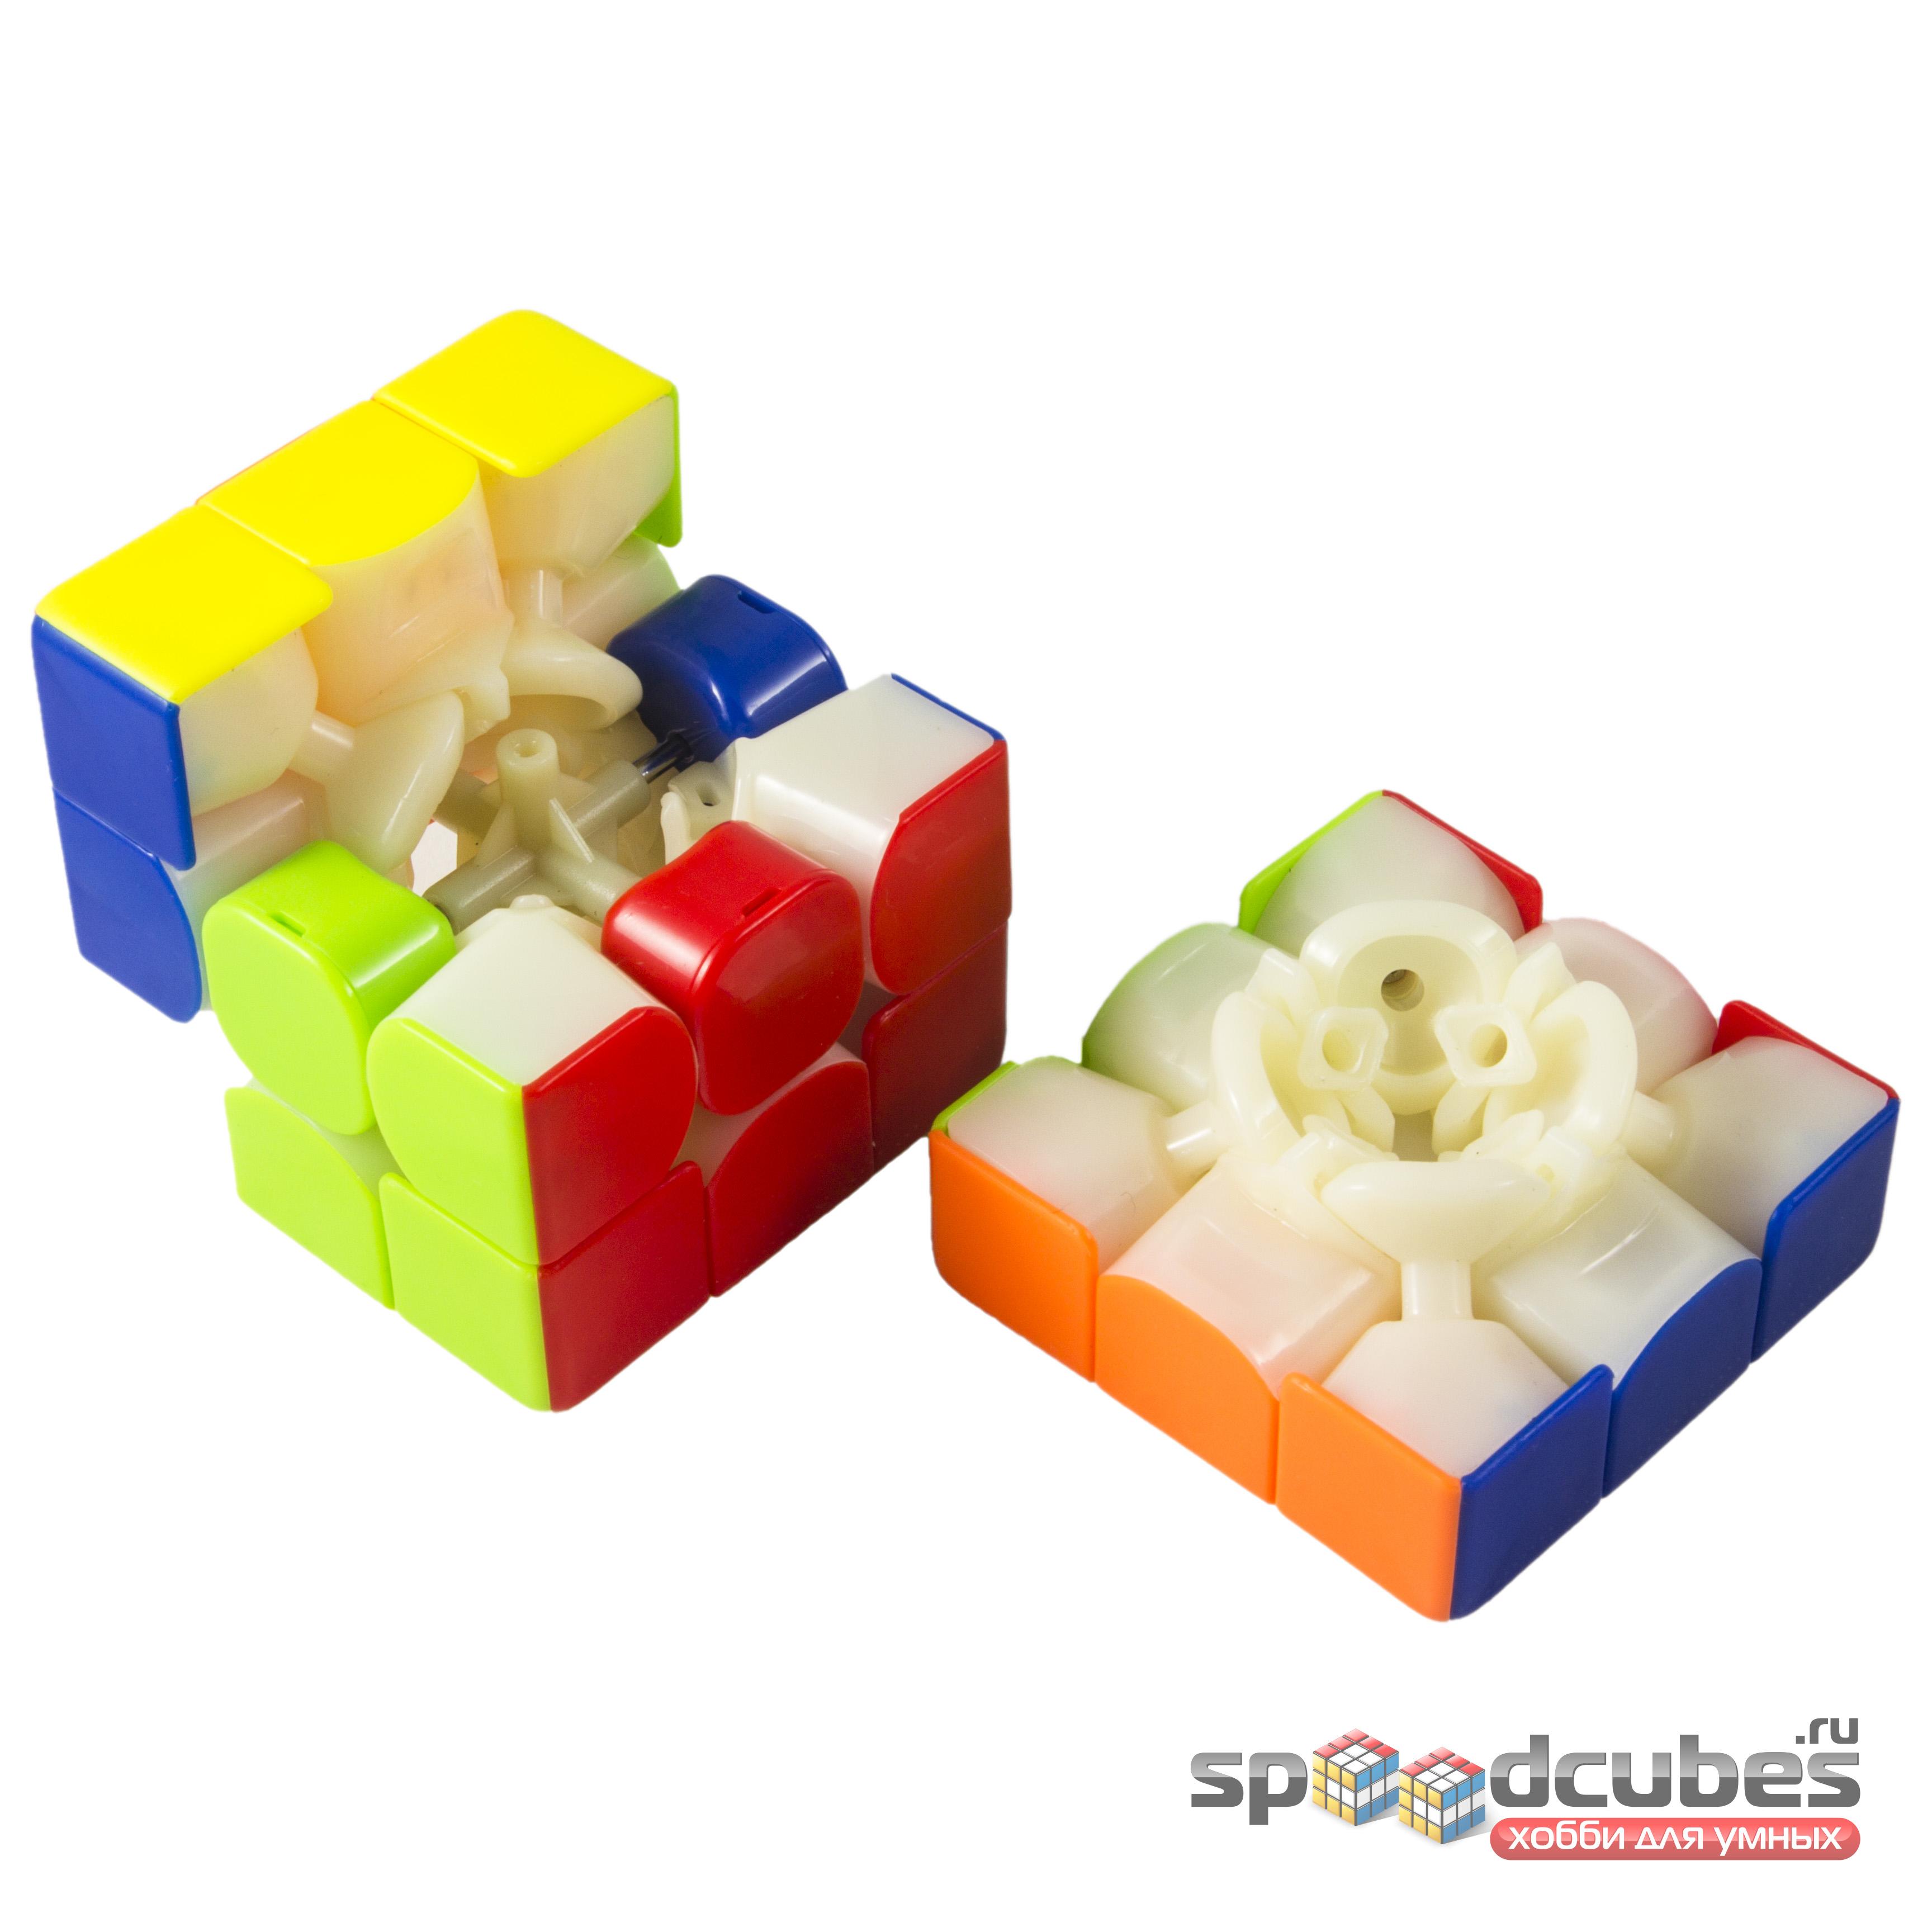 Dayan 7 3x3x3 Xiangyun Color 3